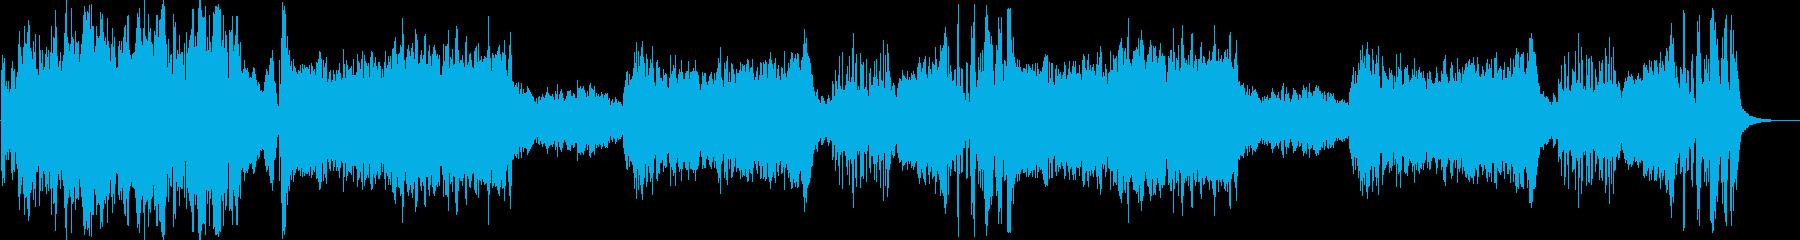 戦闘曲などに使えるオーケストラの再生済みの波形